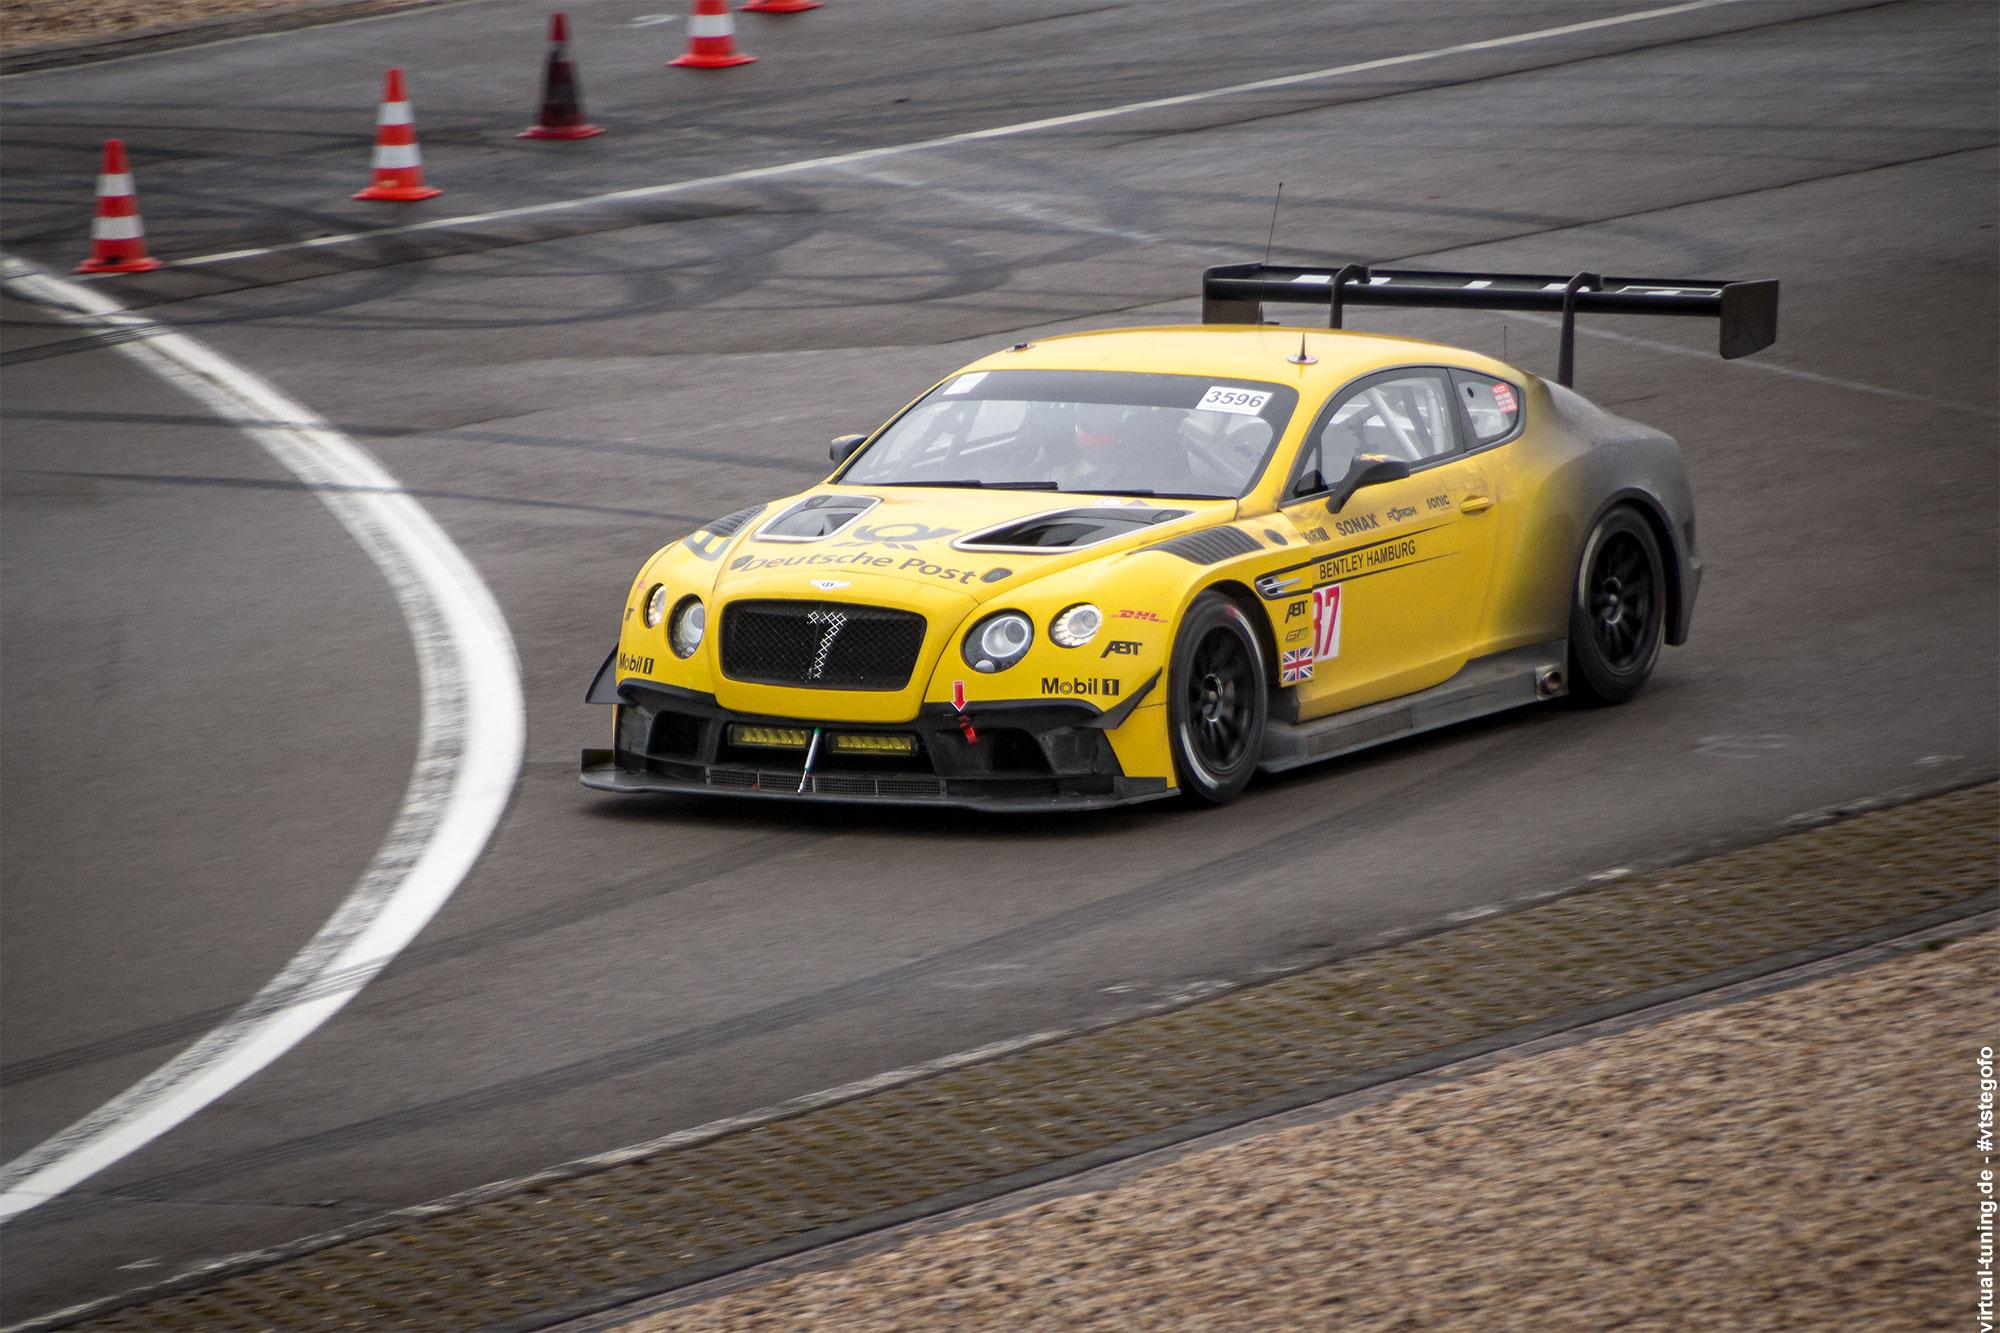 Bentley Continental GT3 - Test- und Einstellfahrten am Nürburgring (3.2016)